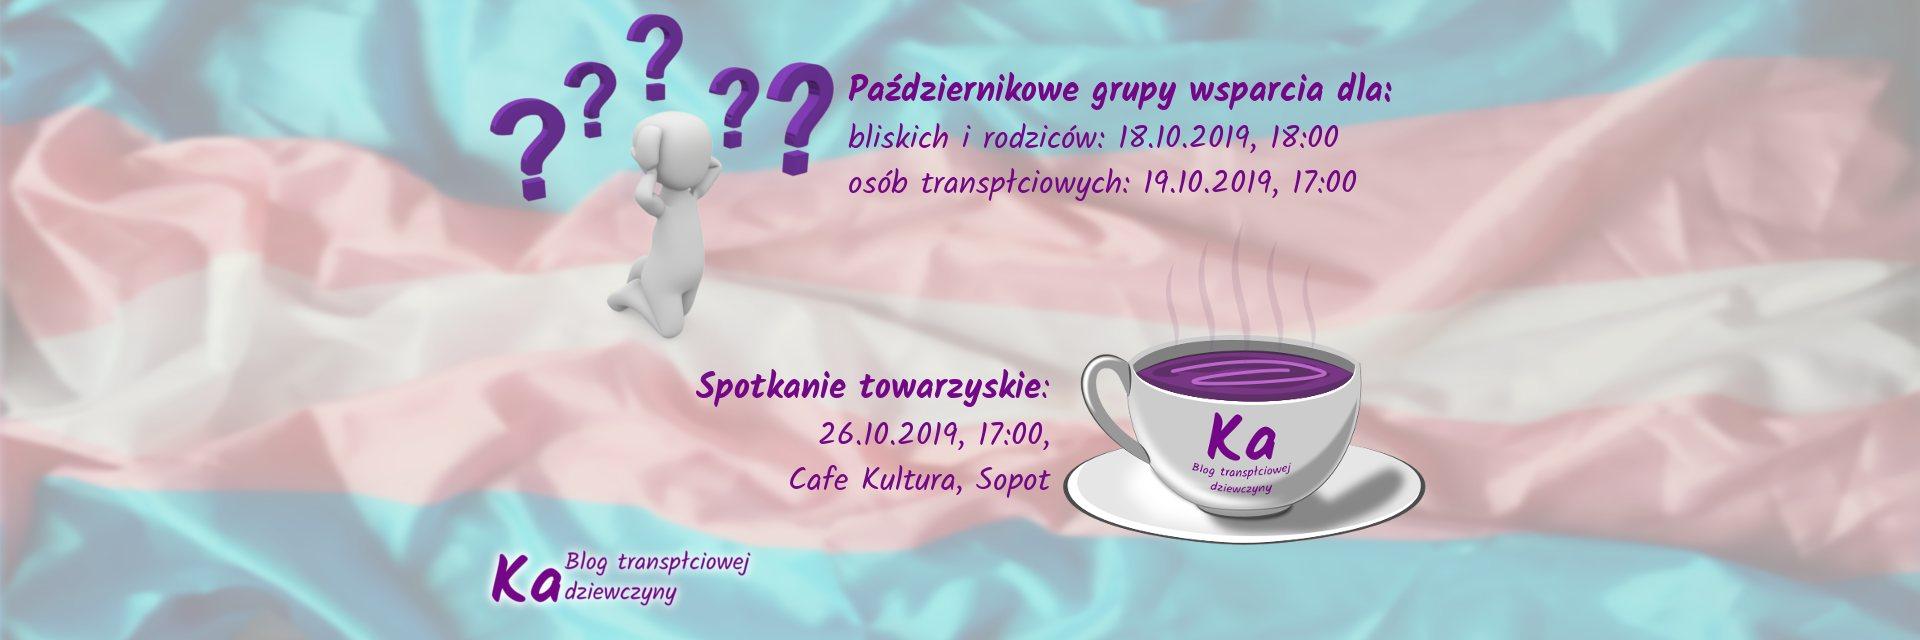 grupa wsparcia, spotkanie towarzyskie październik 2019